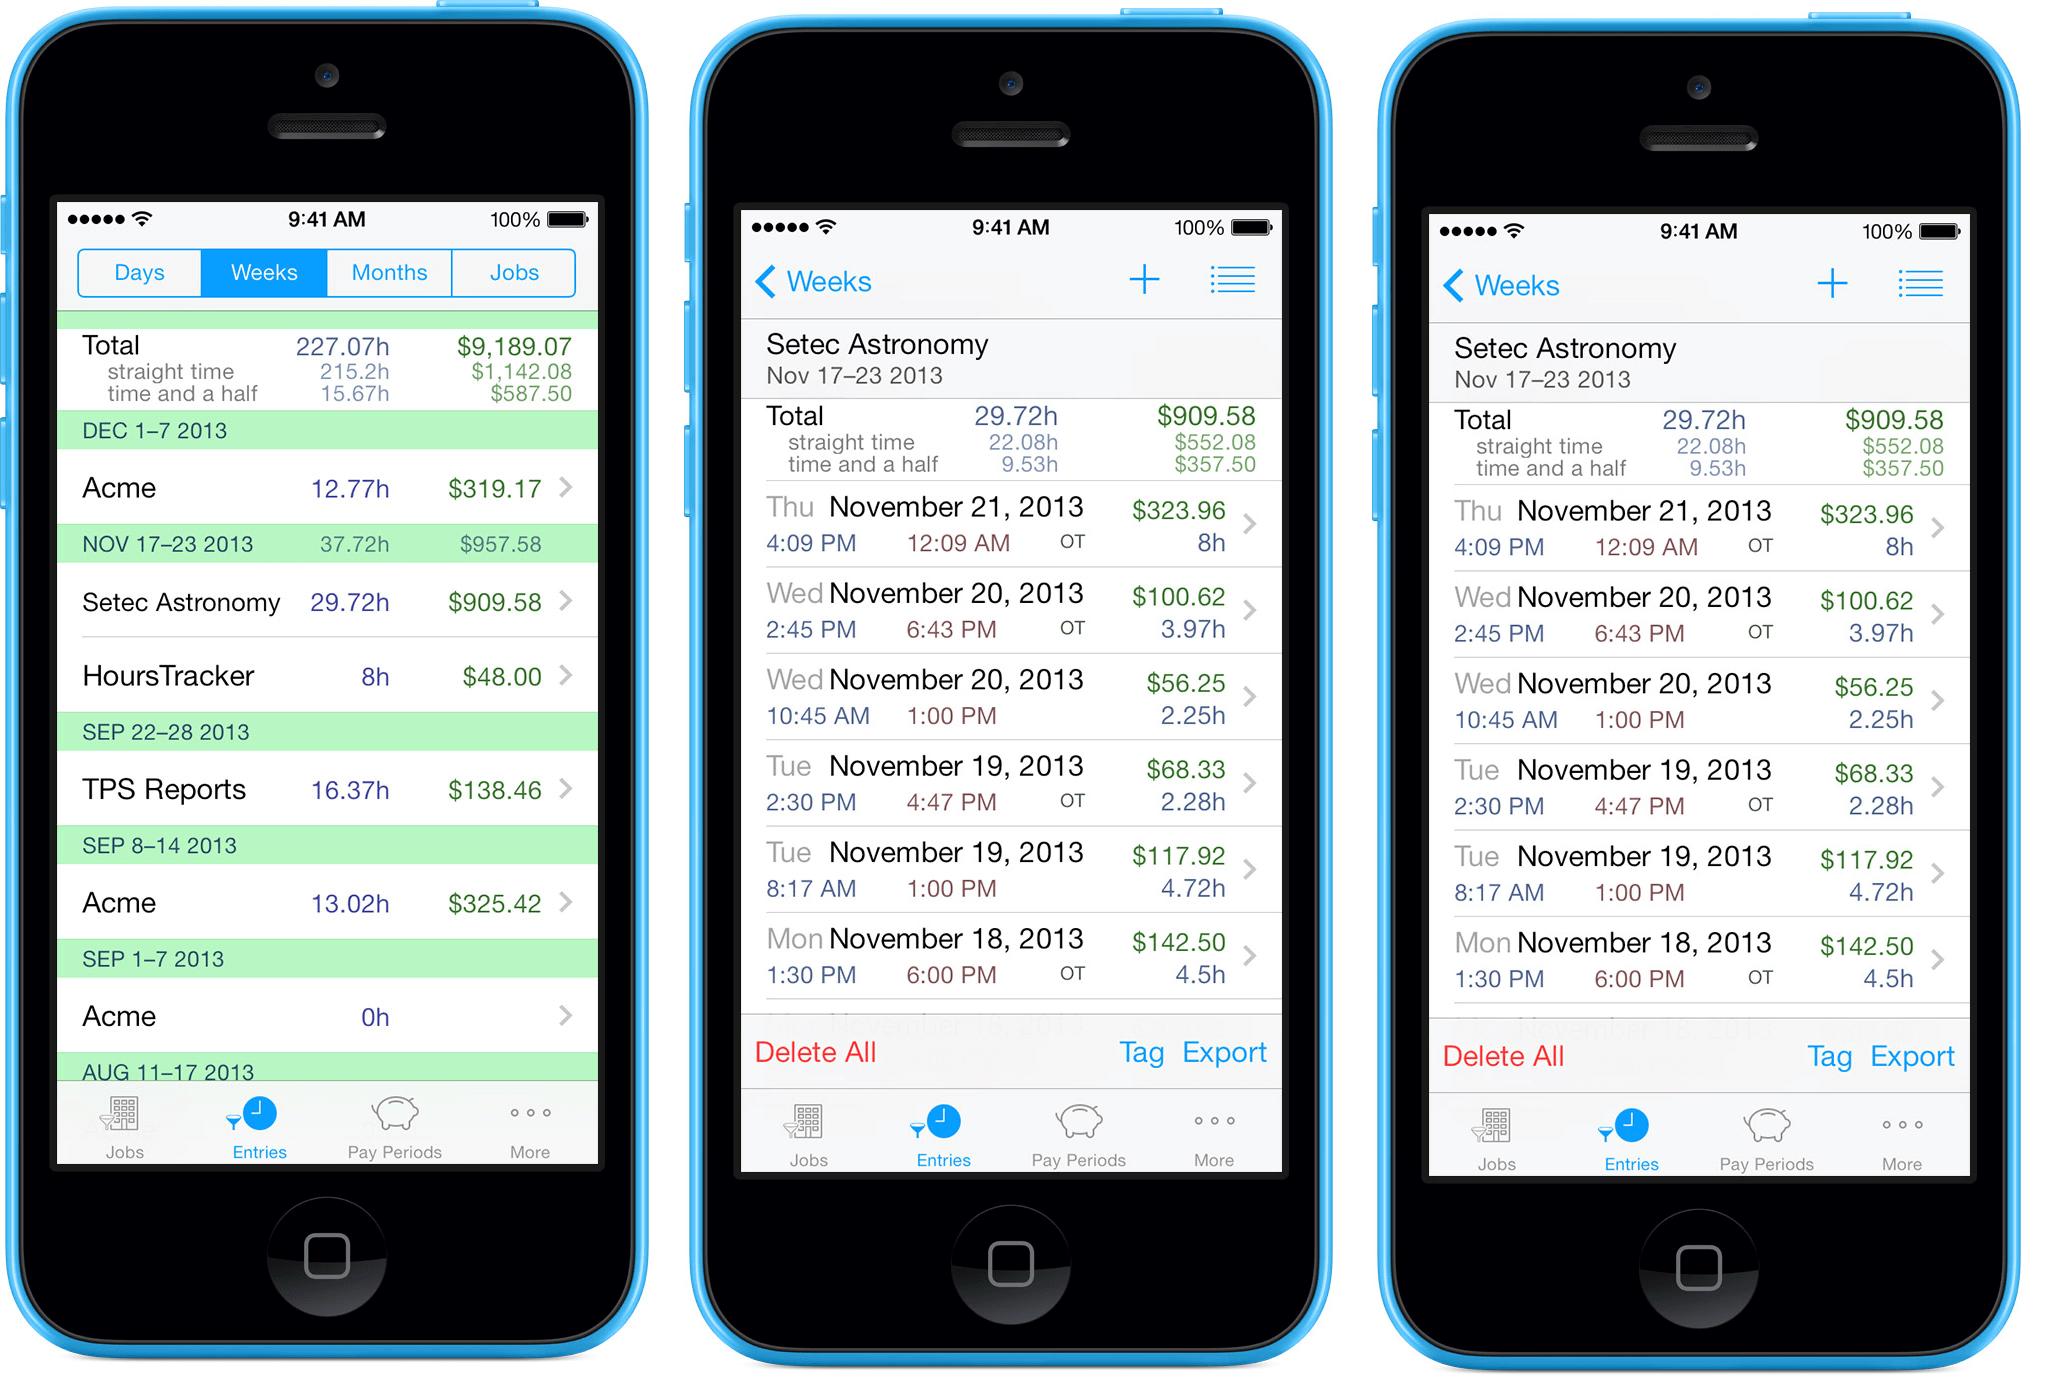 hourstracker app for mobile